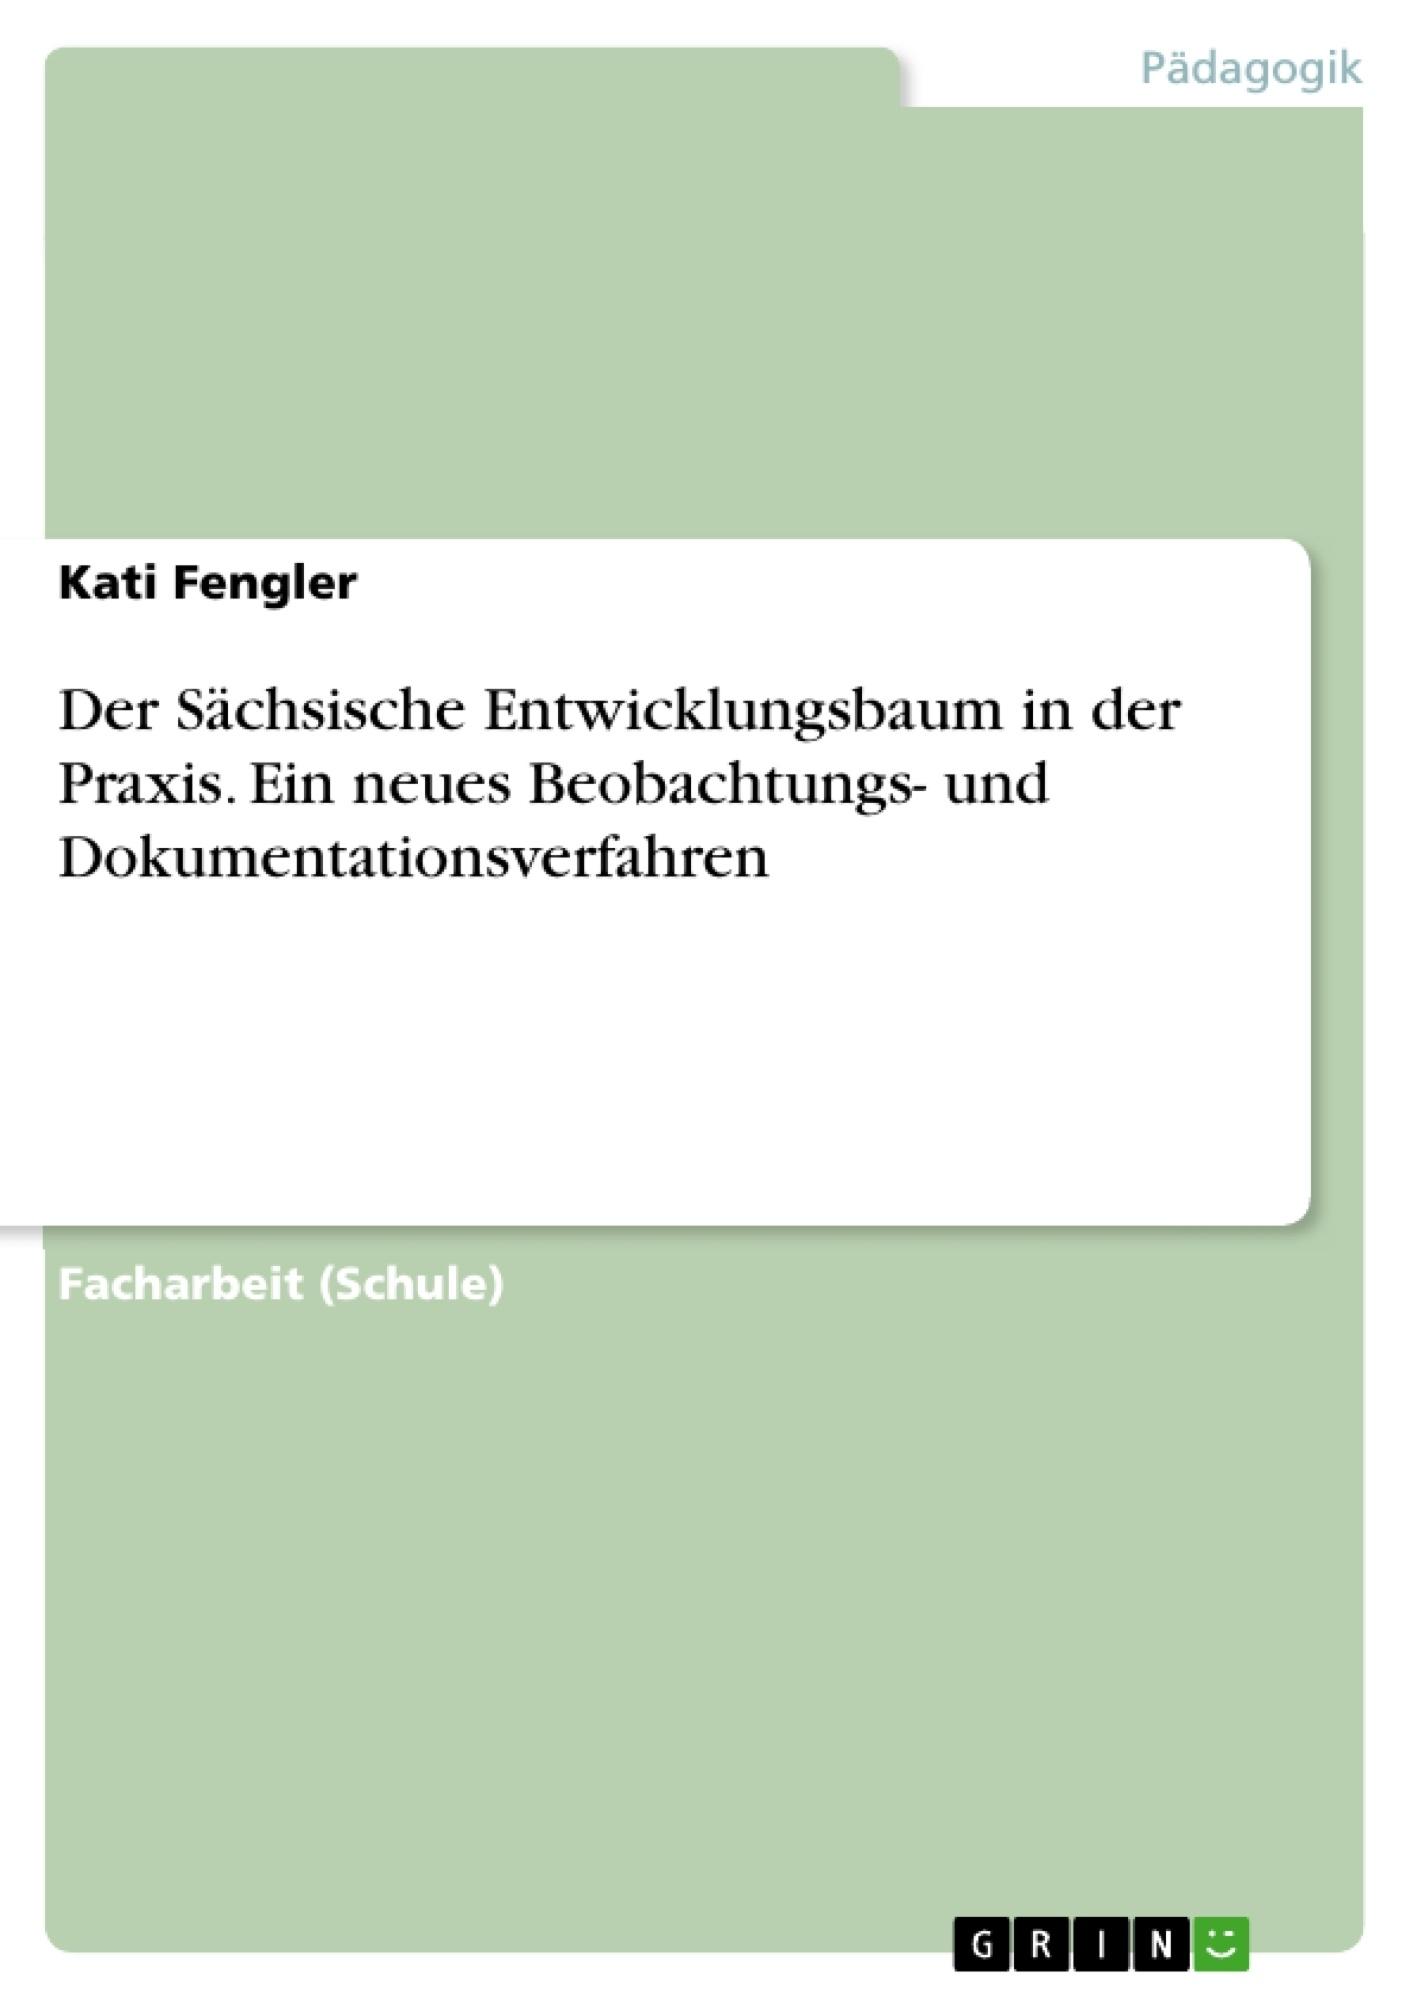 Titel: Der Sächsische Entwicklungsbaum in der Praxis. Ein neues Beobachtungs- und Dokumentationsverfahren